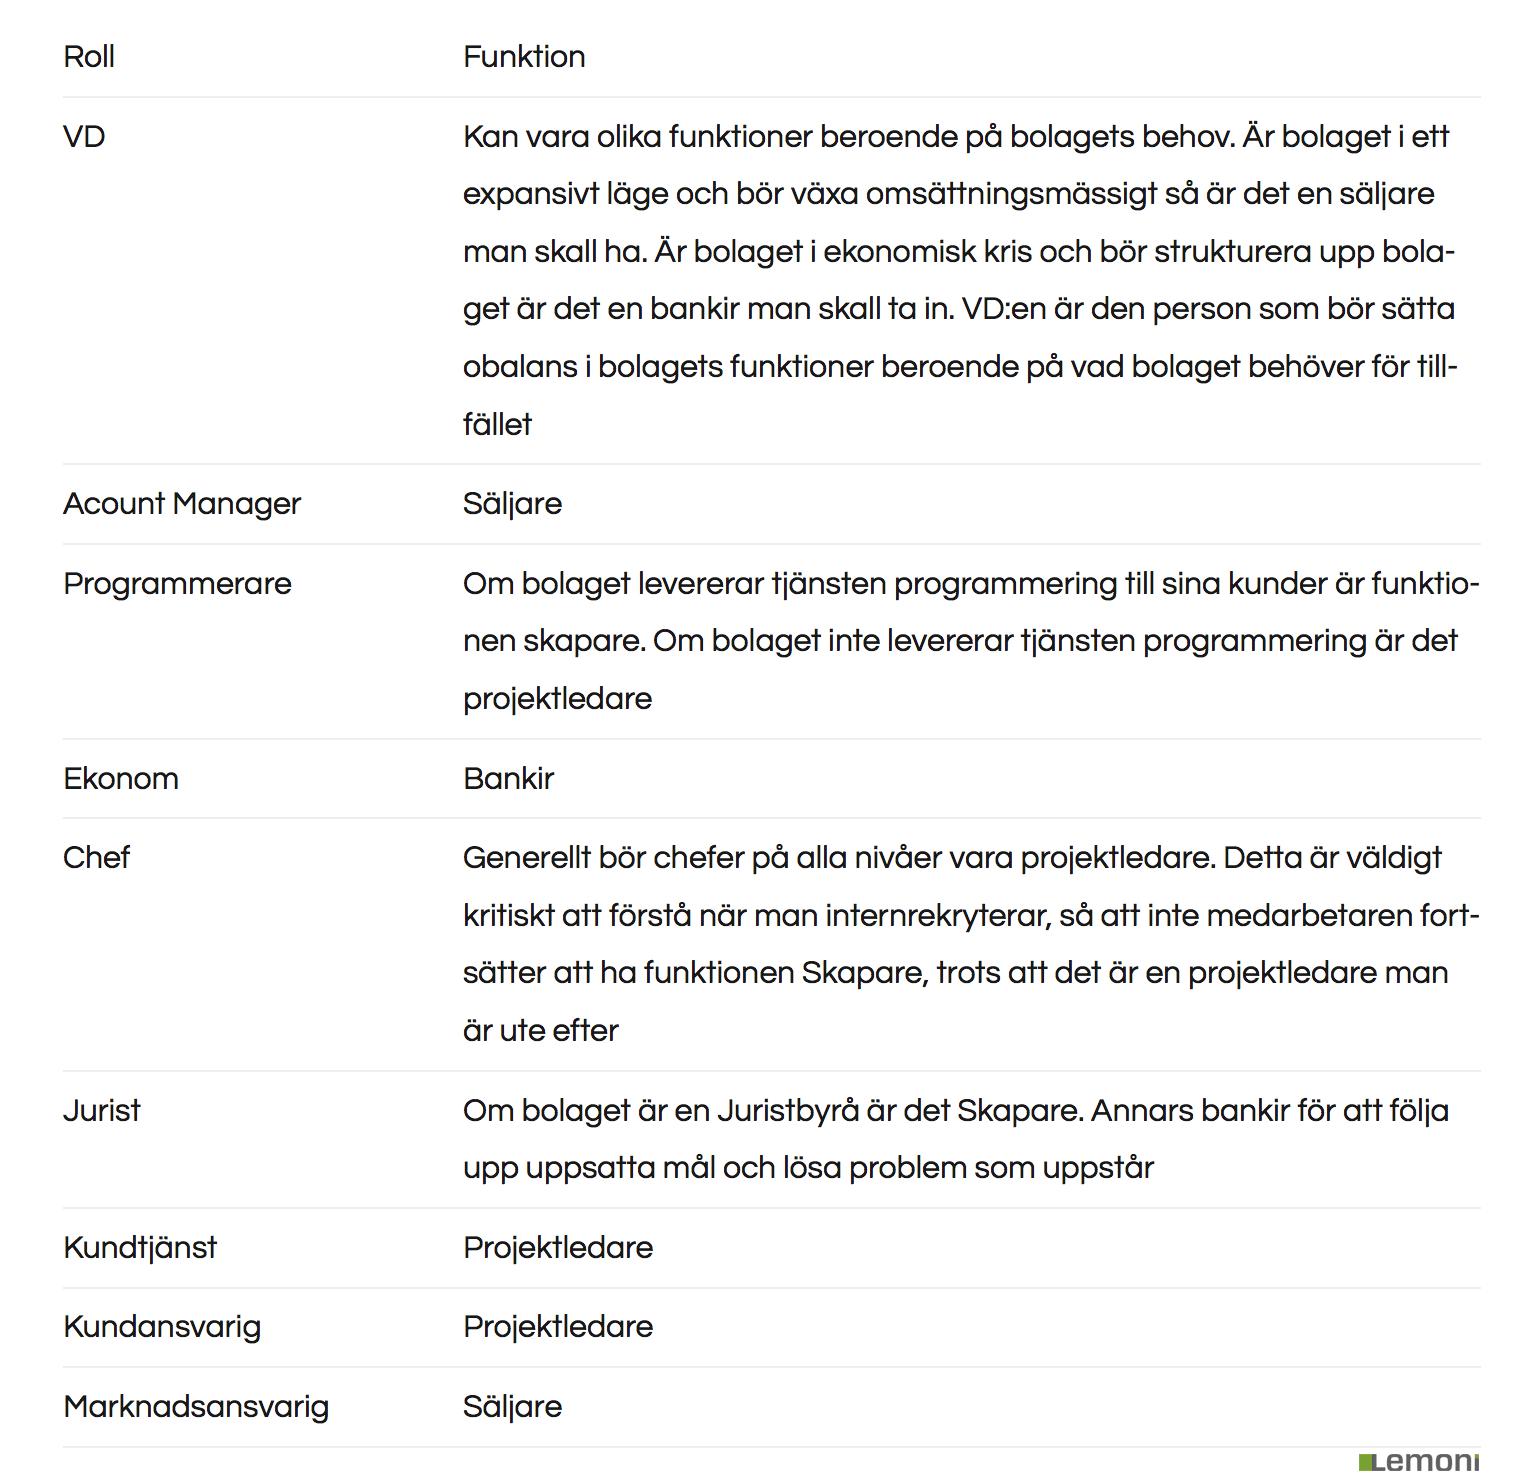 Olika funktioner i ett bolag